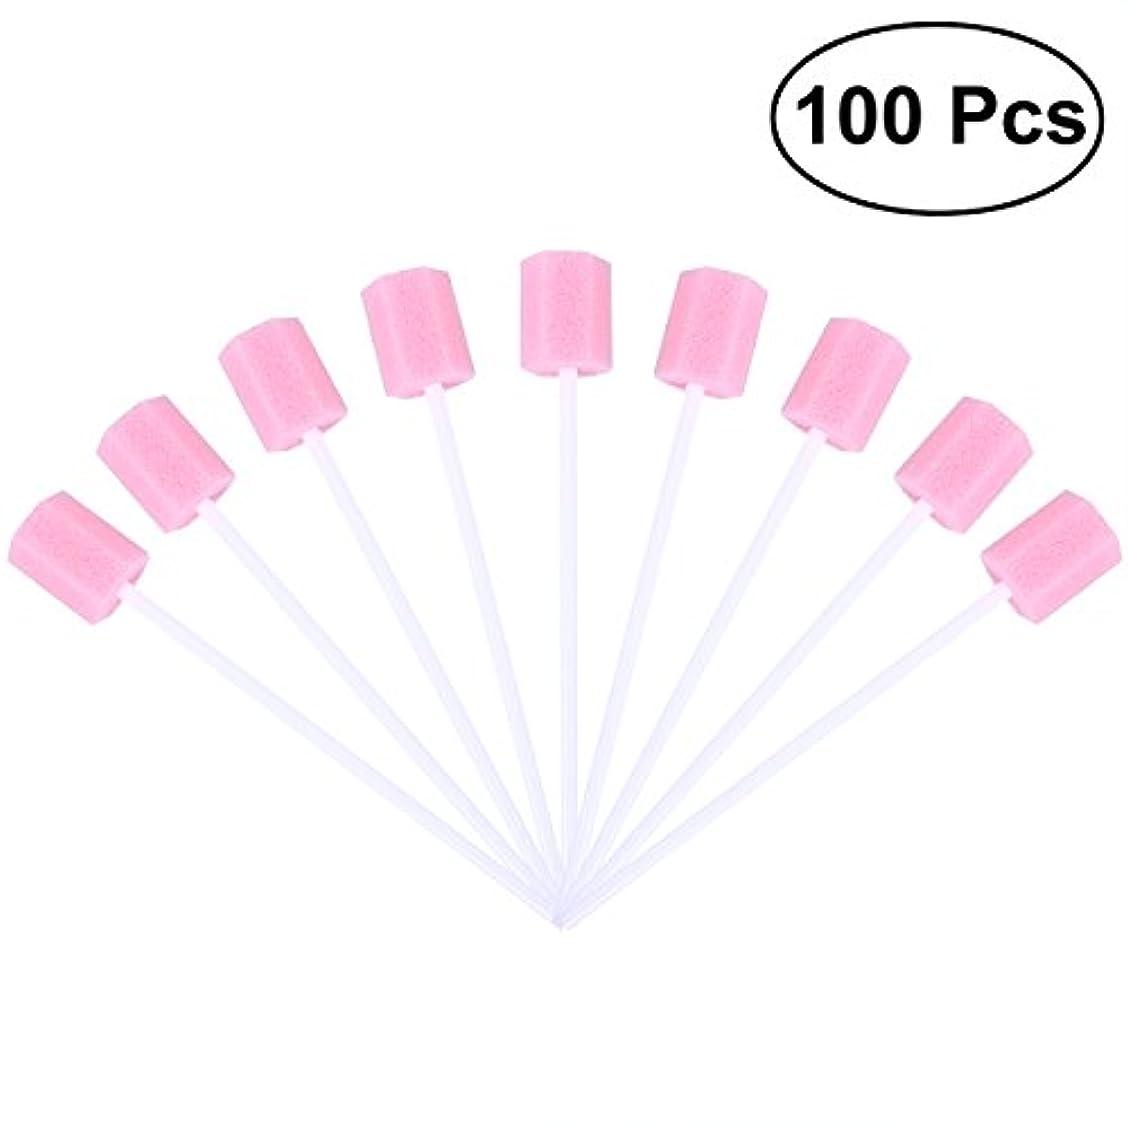 ヘッジフィラデルフィア額ROSENICE 使い捨て口腔ケアスポンジスワブ歯口洗浄スワブ100個(ピンク)